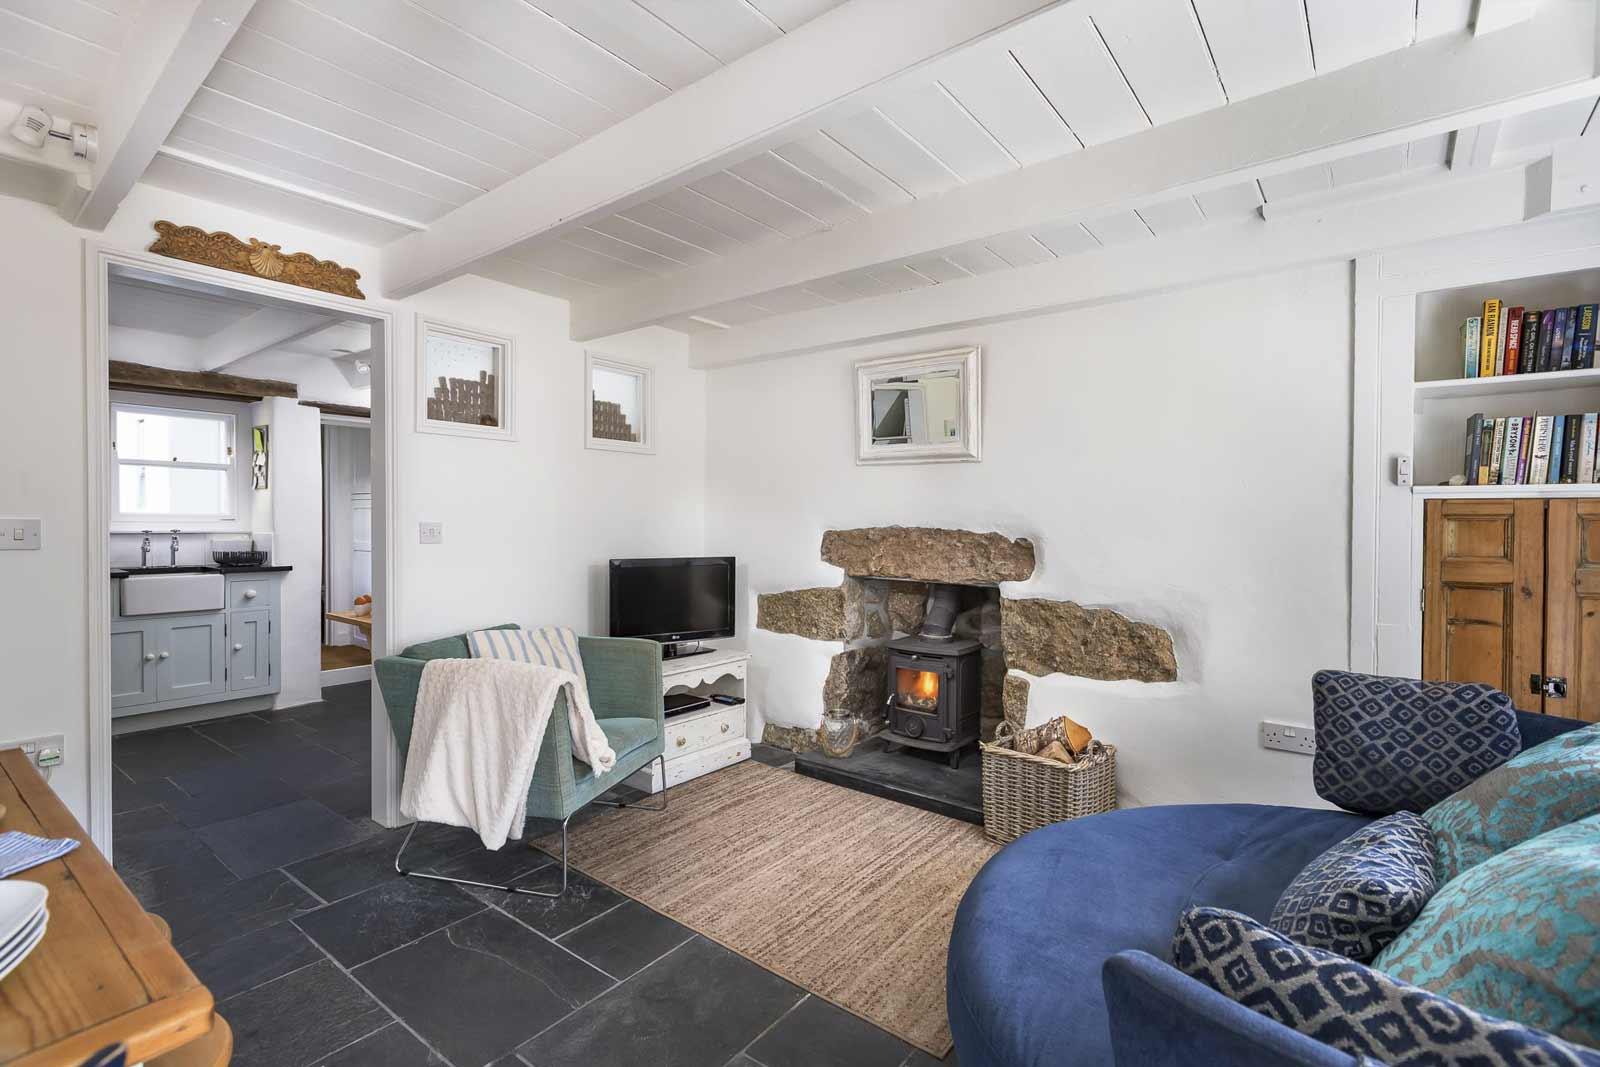 gulls-nest-living-room